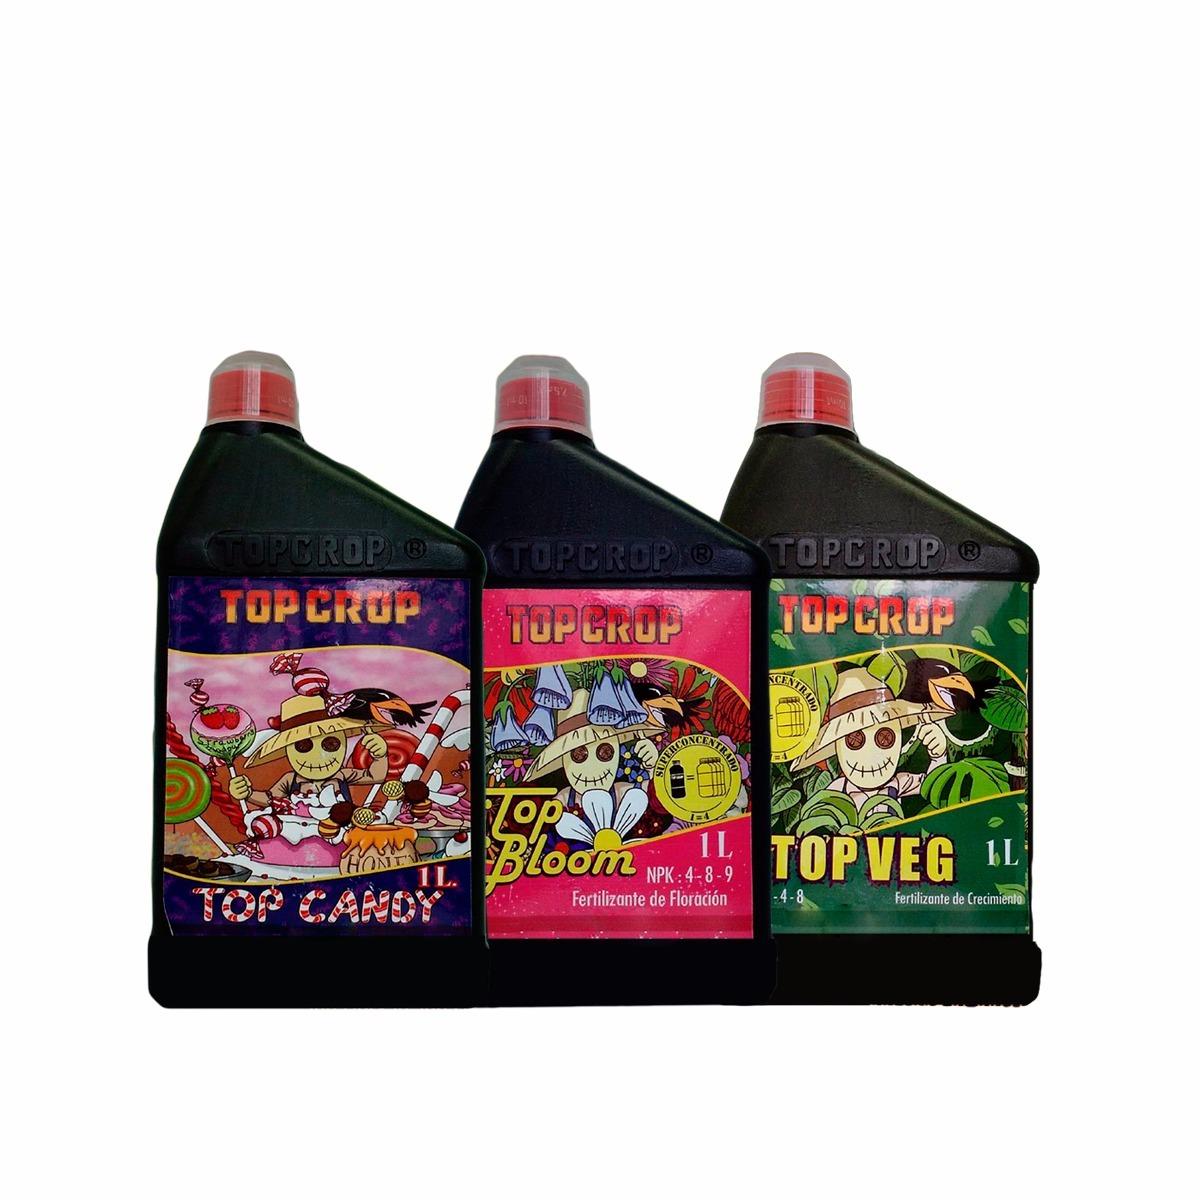 Fertilizantes Top Crop 1L pack x 3